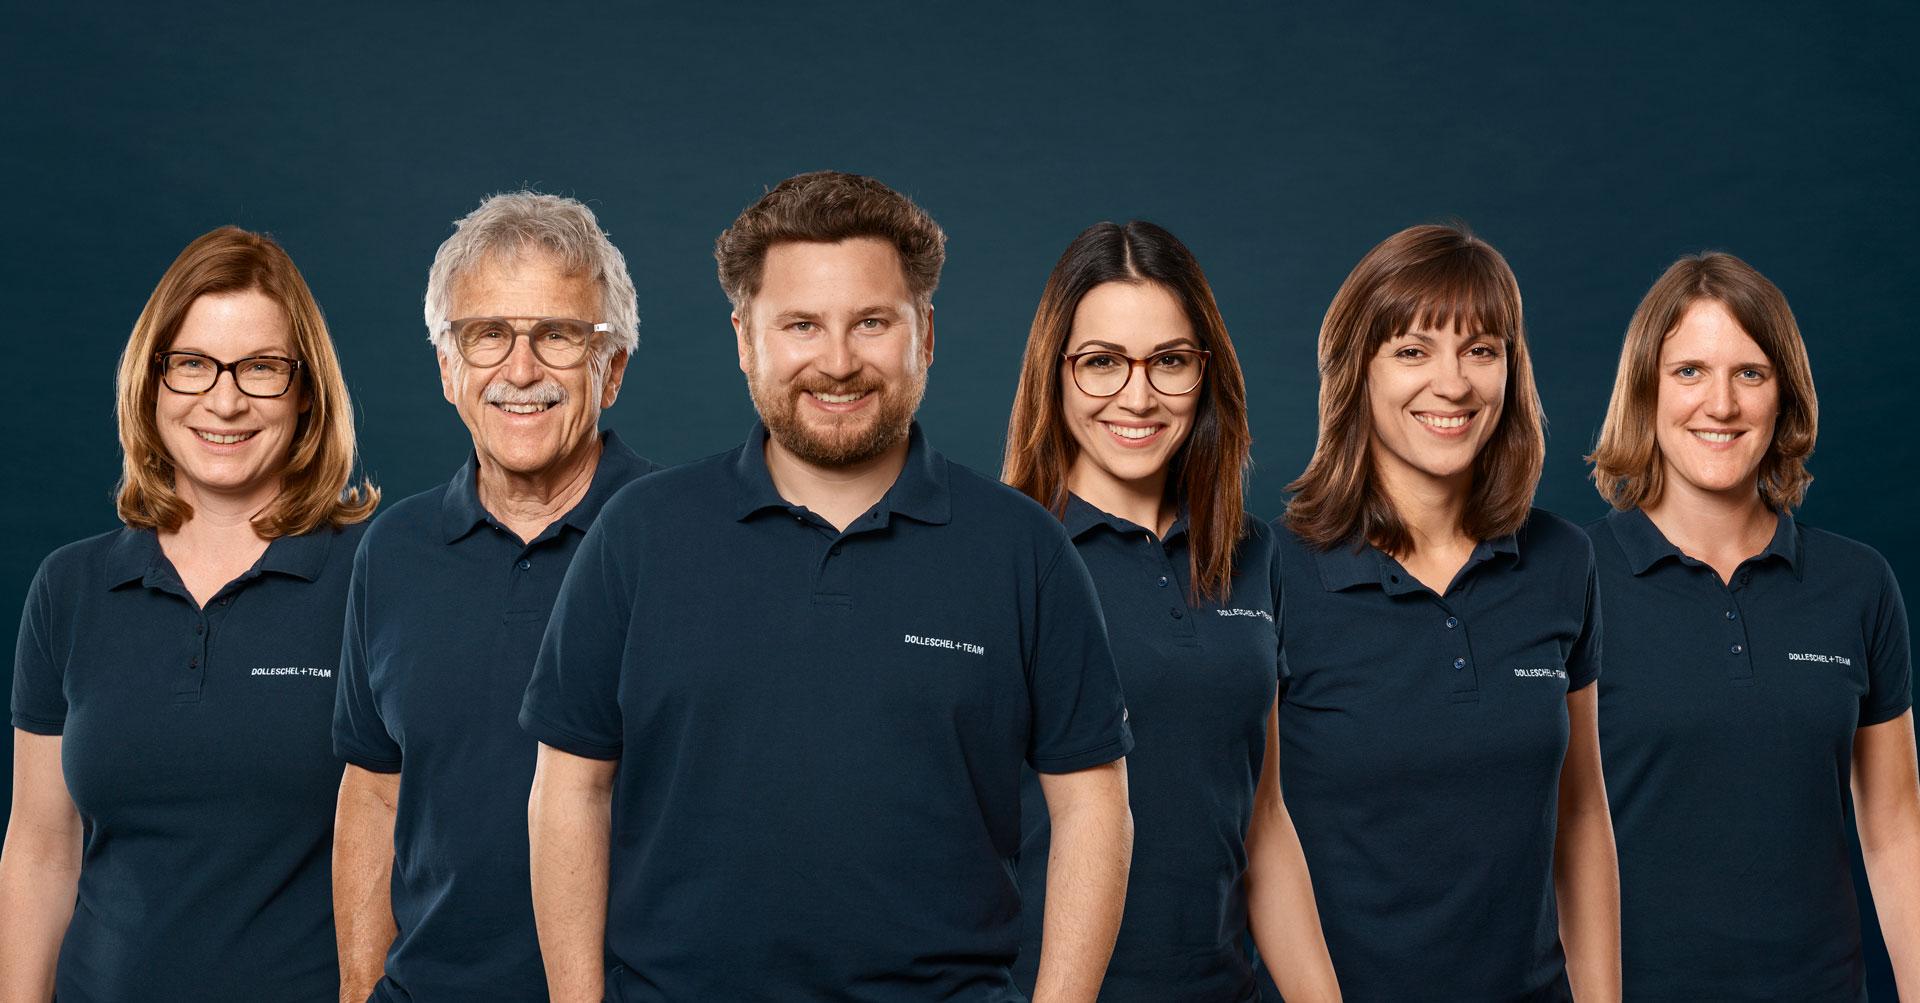 Dolleschel+Team